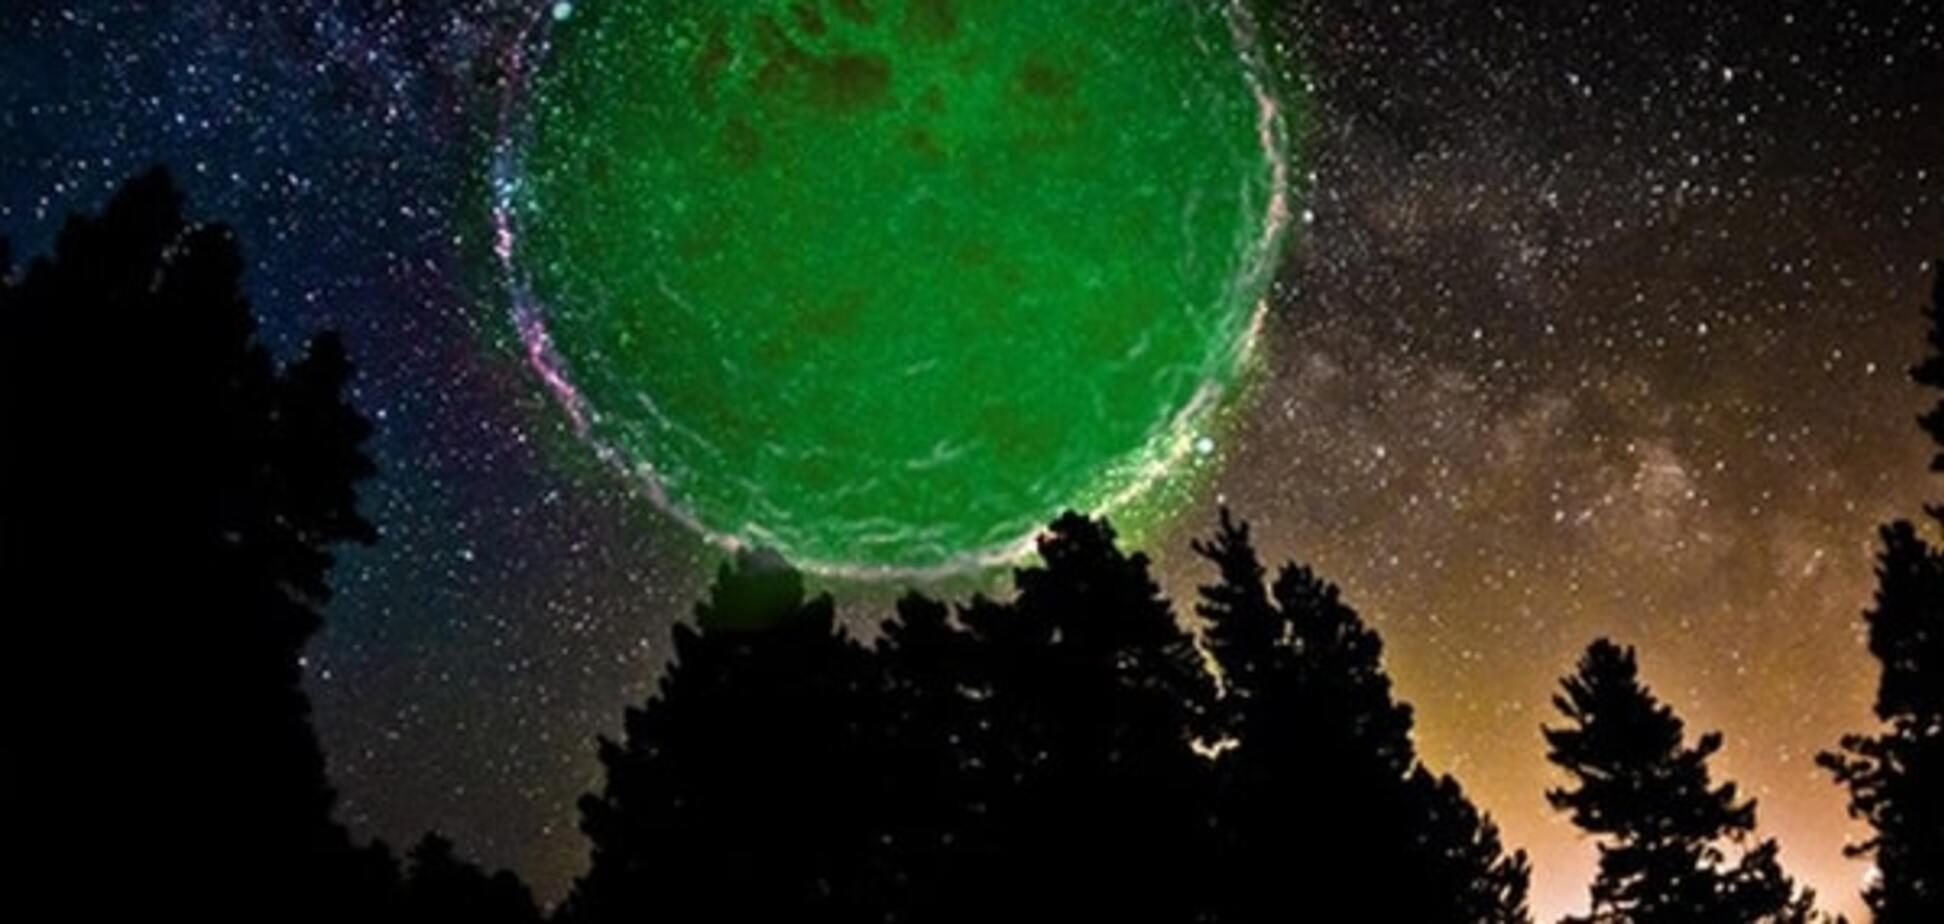 Привіт від зелених чоловічків: росіян привів у жах палаючий НЛО. Відеофакт